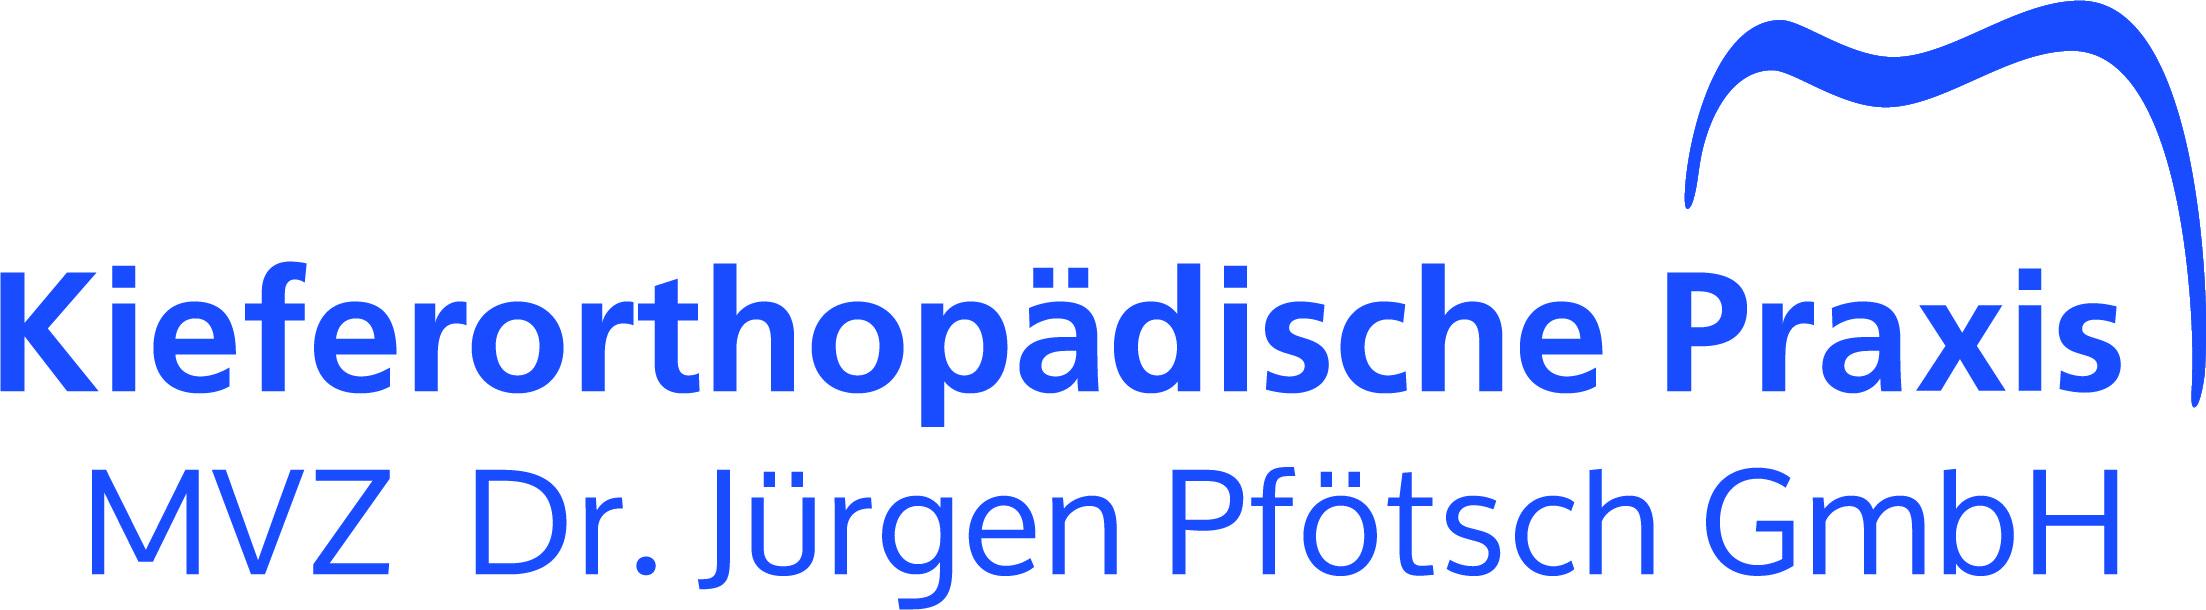 Kieferorthopädische Praxis Dr. Pfötsch